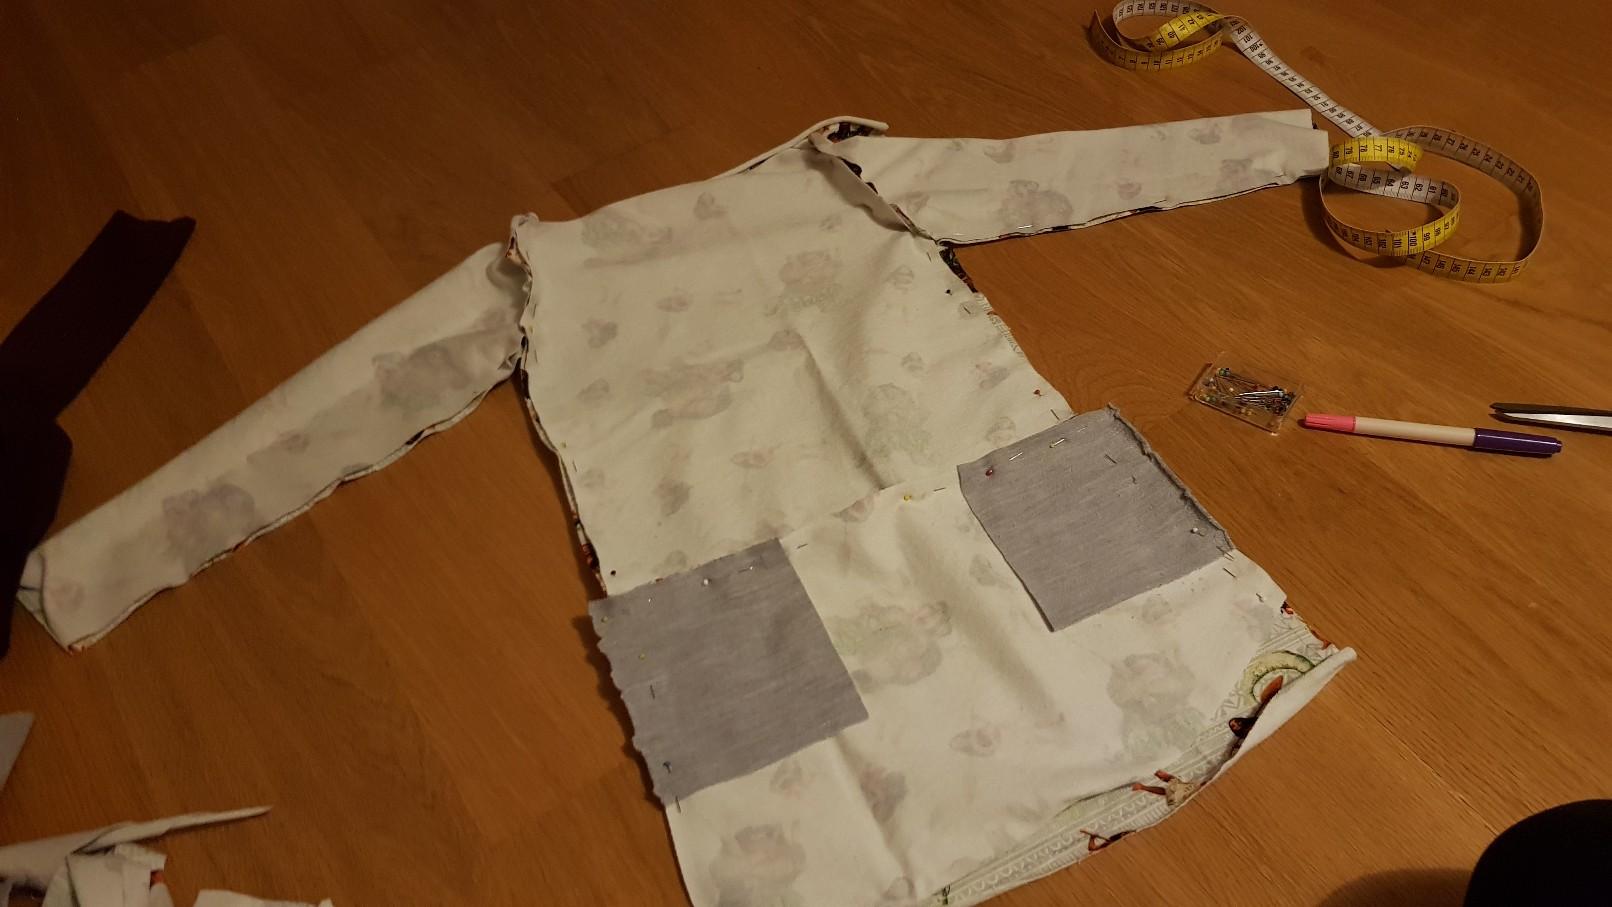 moana vaiana jersey dress front inside pinned